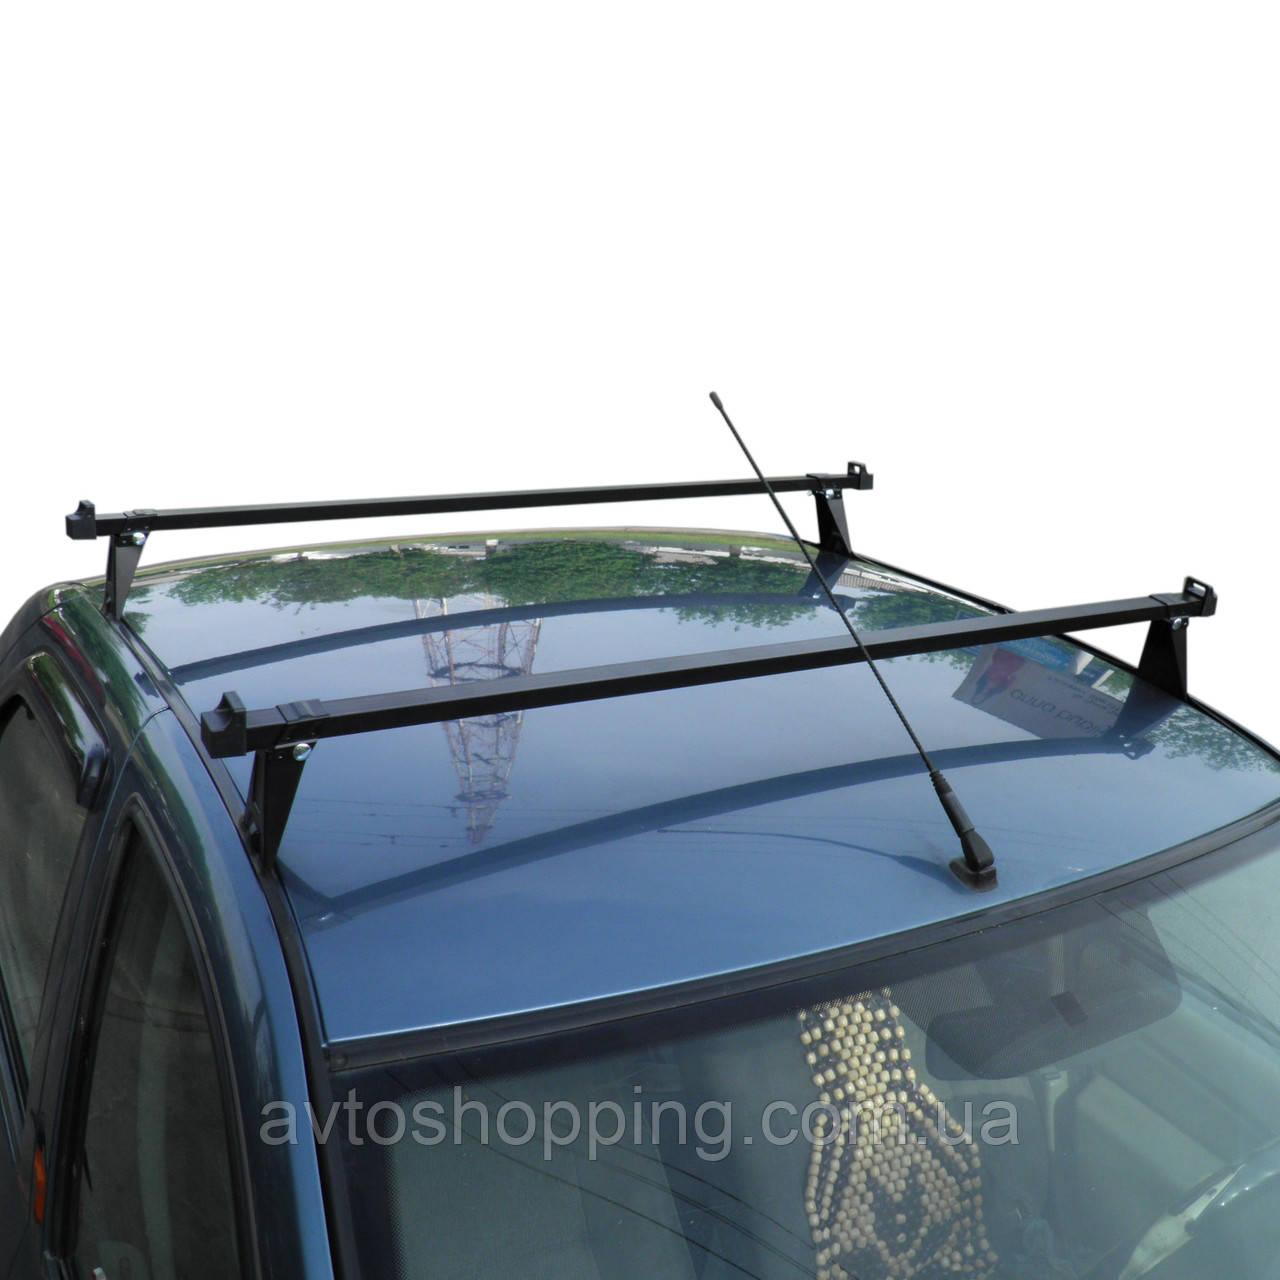 Багажник на крышу Dacia Renault Logan